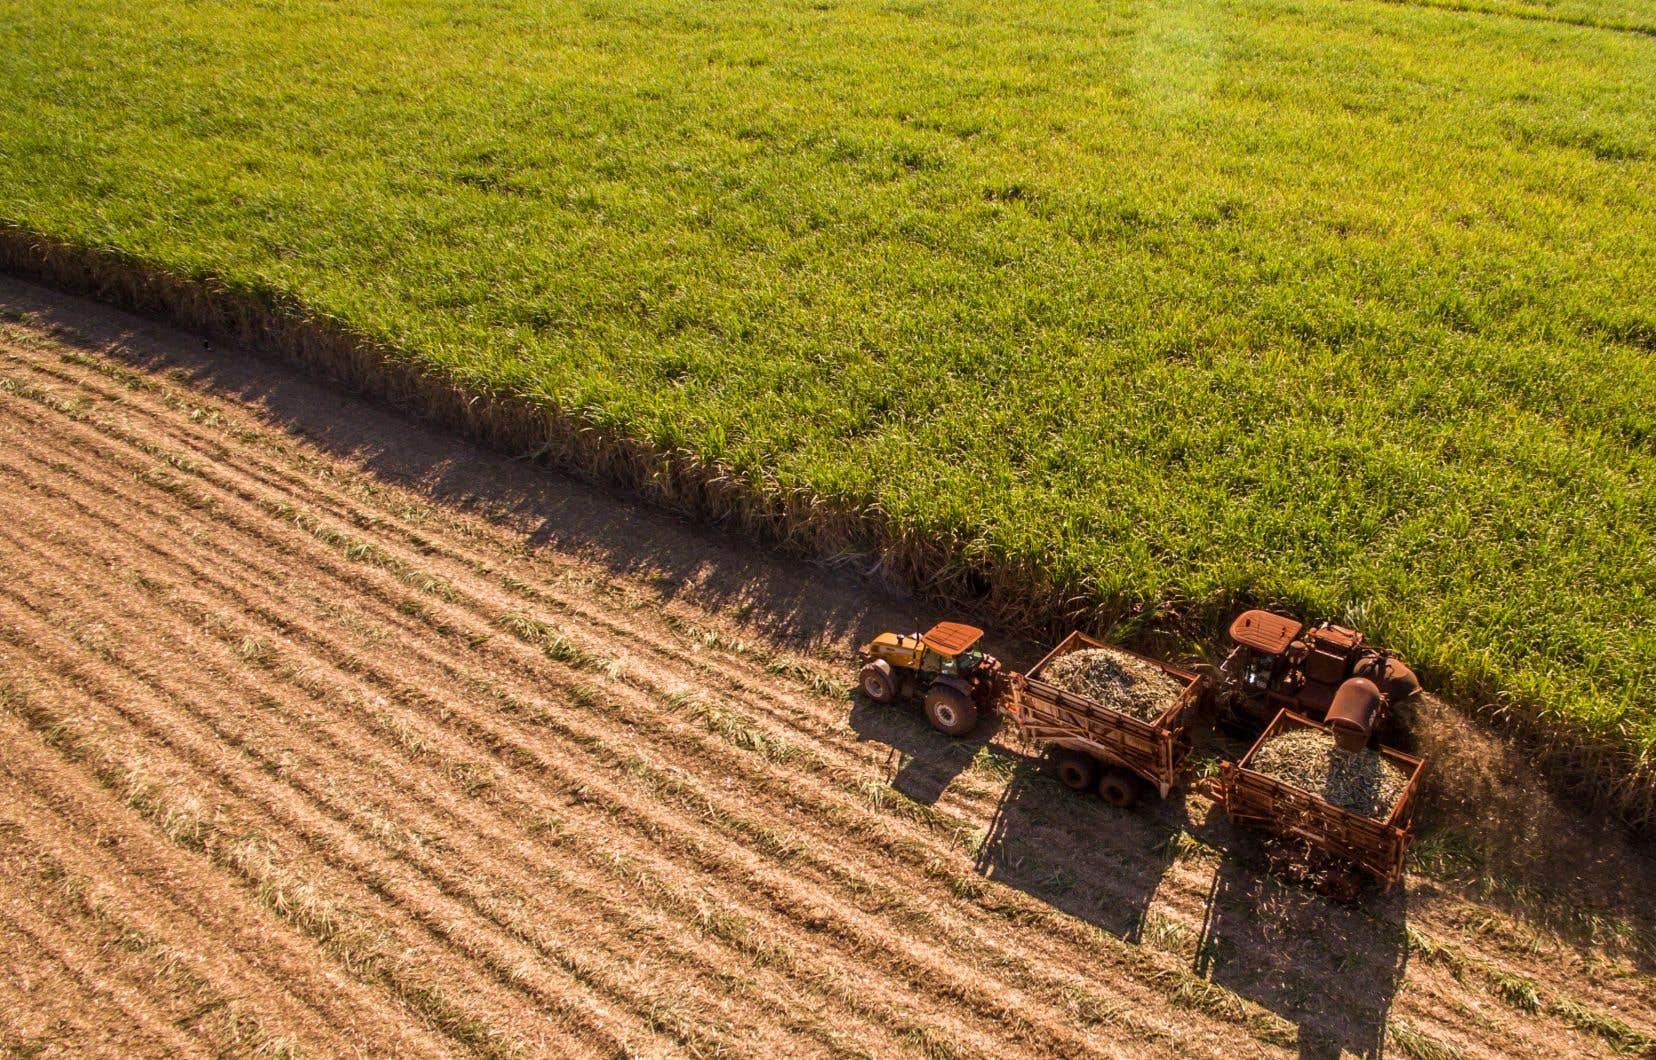 Si le nerf de la guerre a longtemps été la mise en marché des produits agricoles, c'est aujourd'hui la croissance fulgurante des rôles d'évaluation qui menace les producteurs.